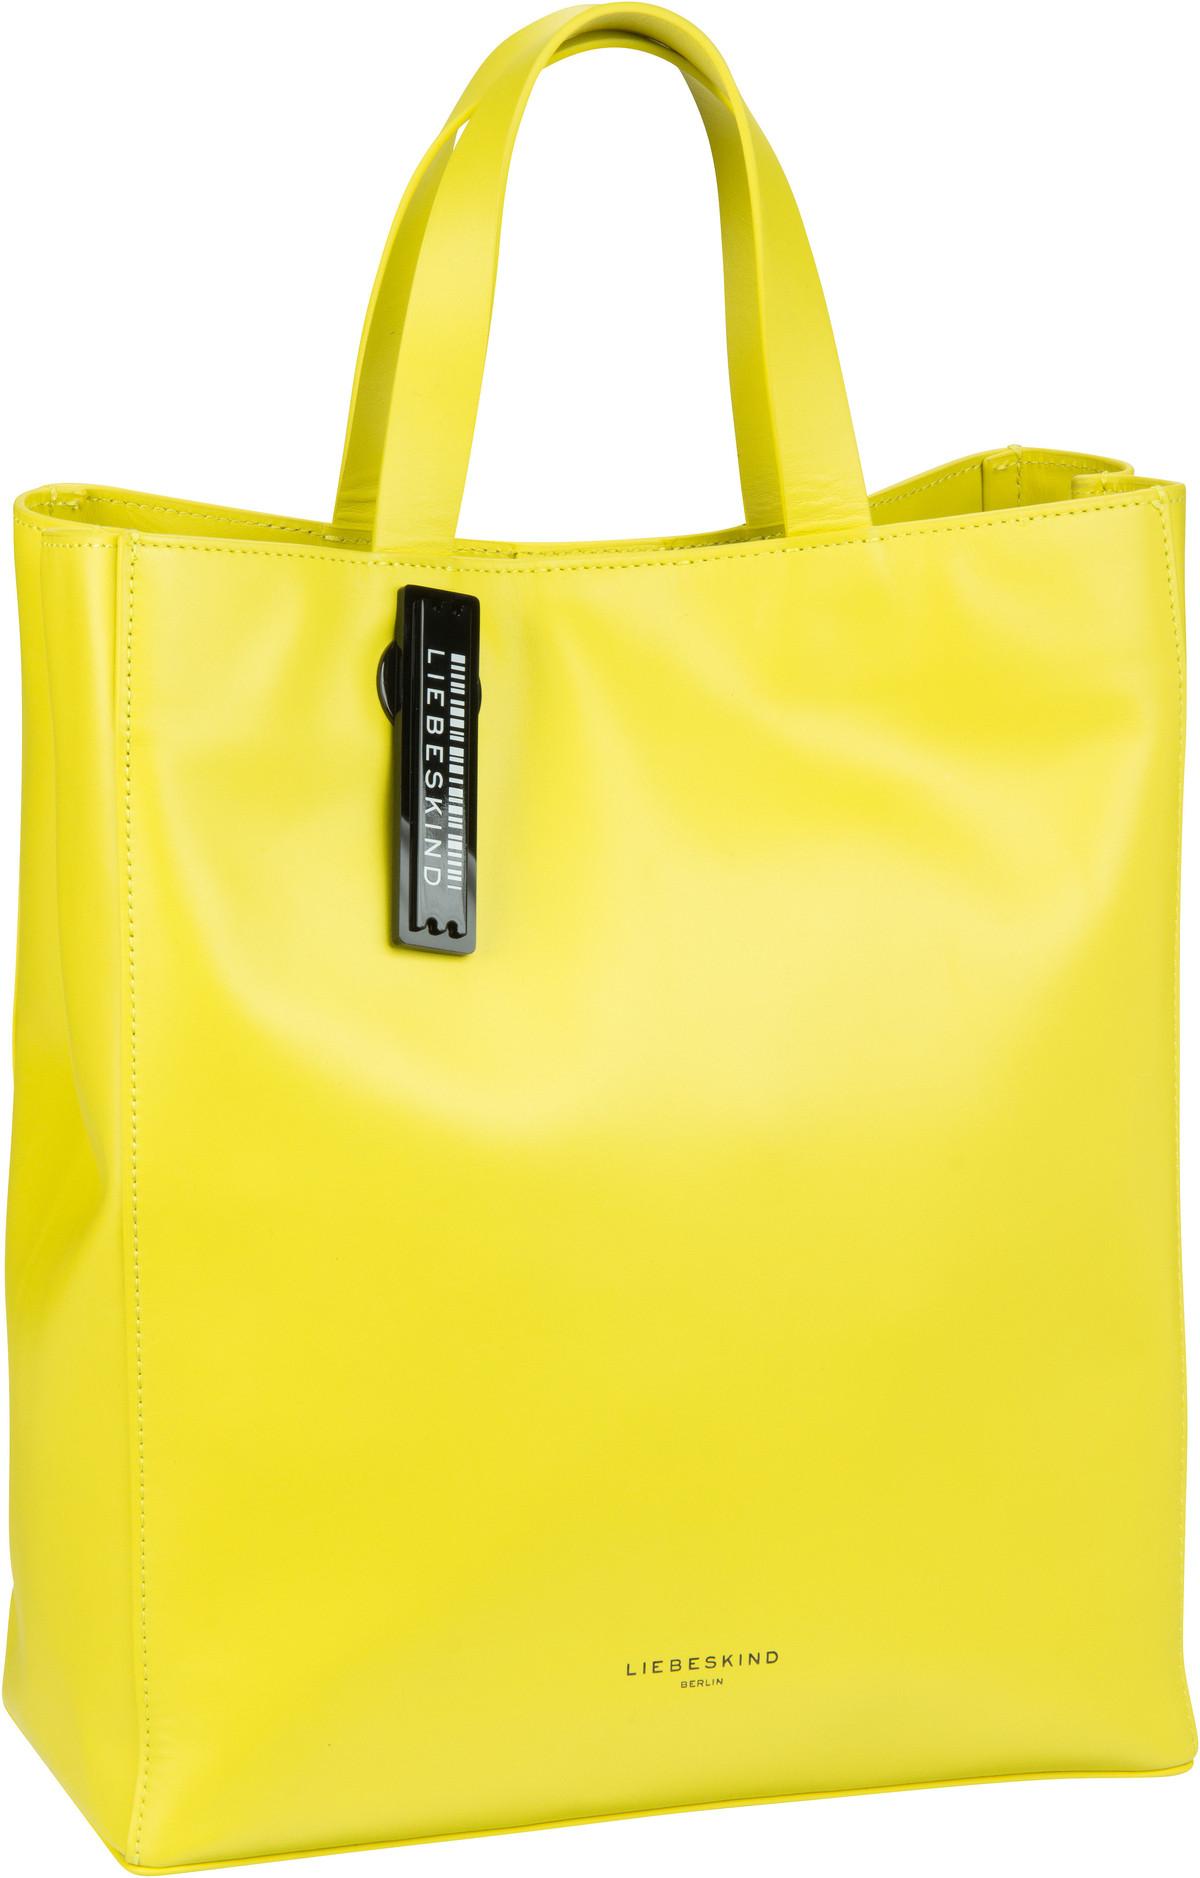 Berlin Handtasche Paper Bag Tote M Yellow Sheen